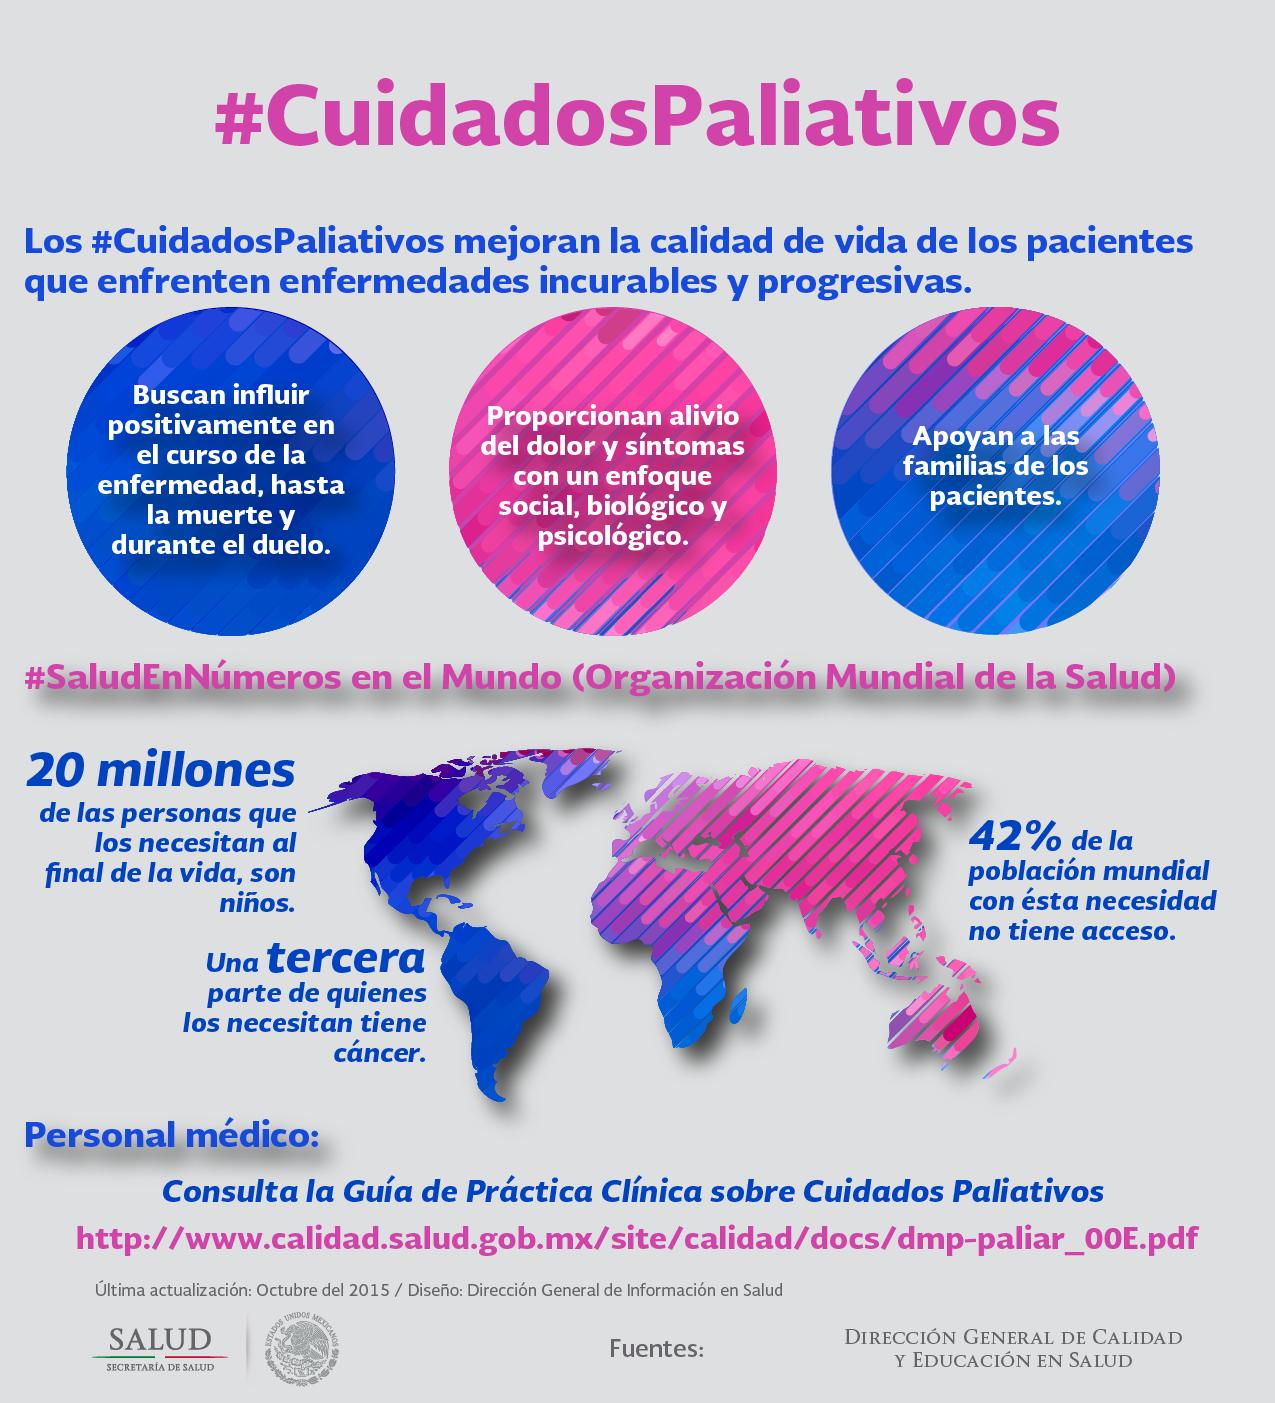 CuidadosPaliativos 02.png